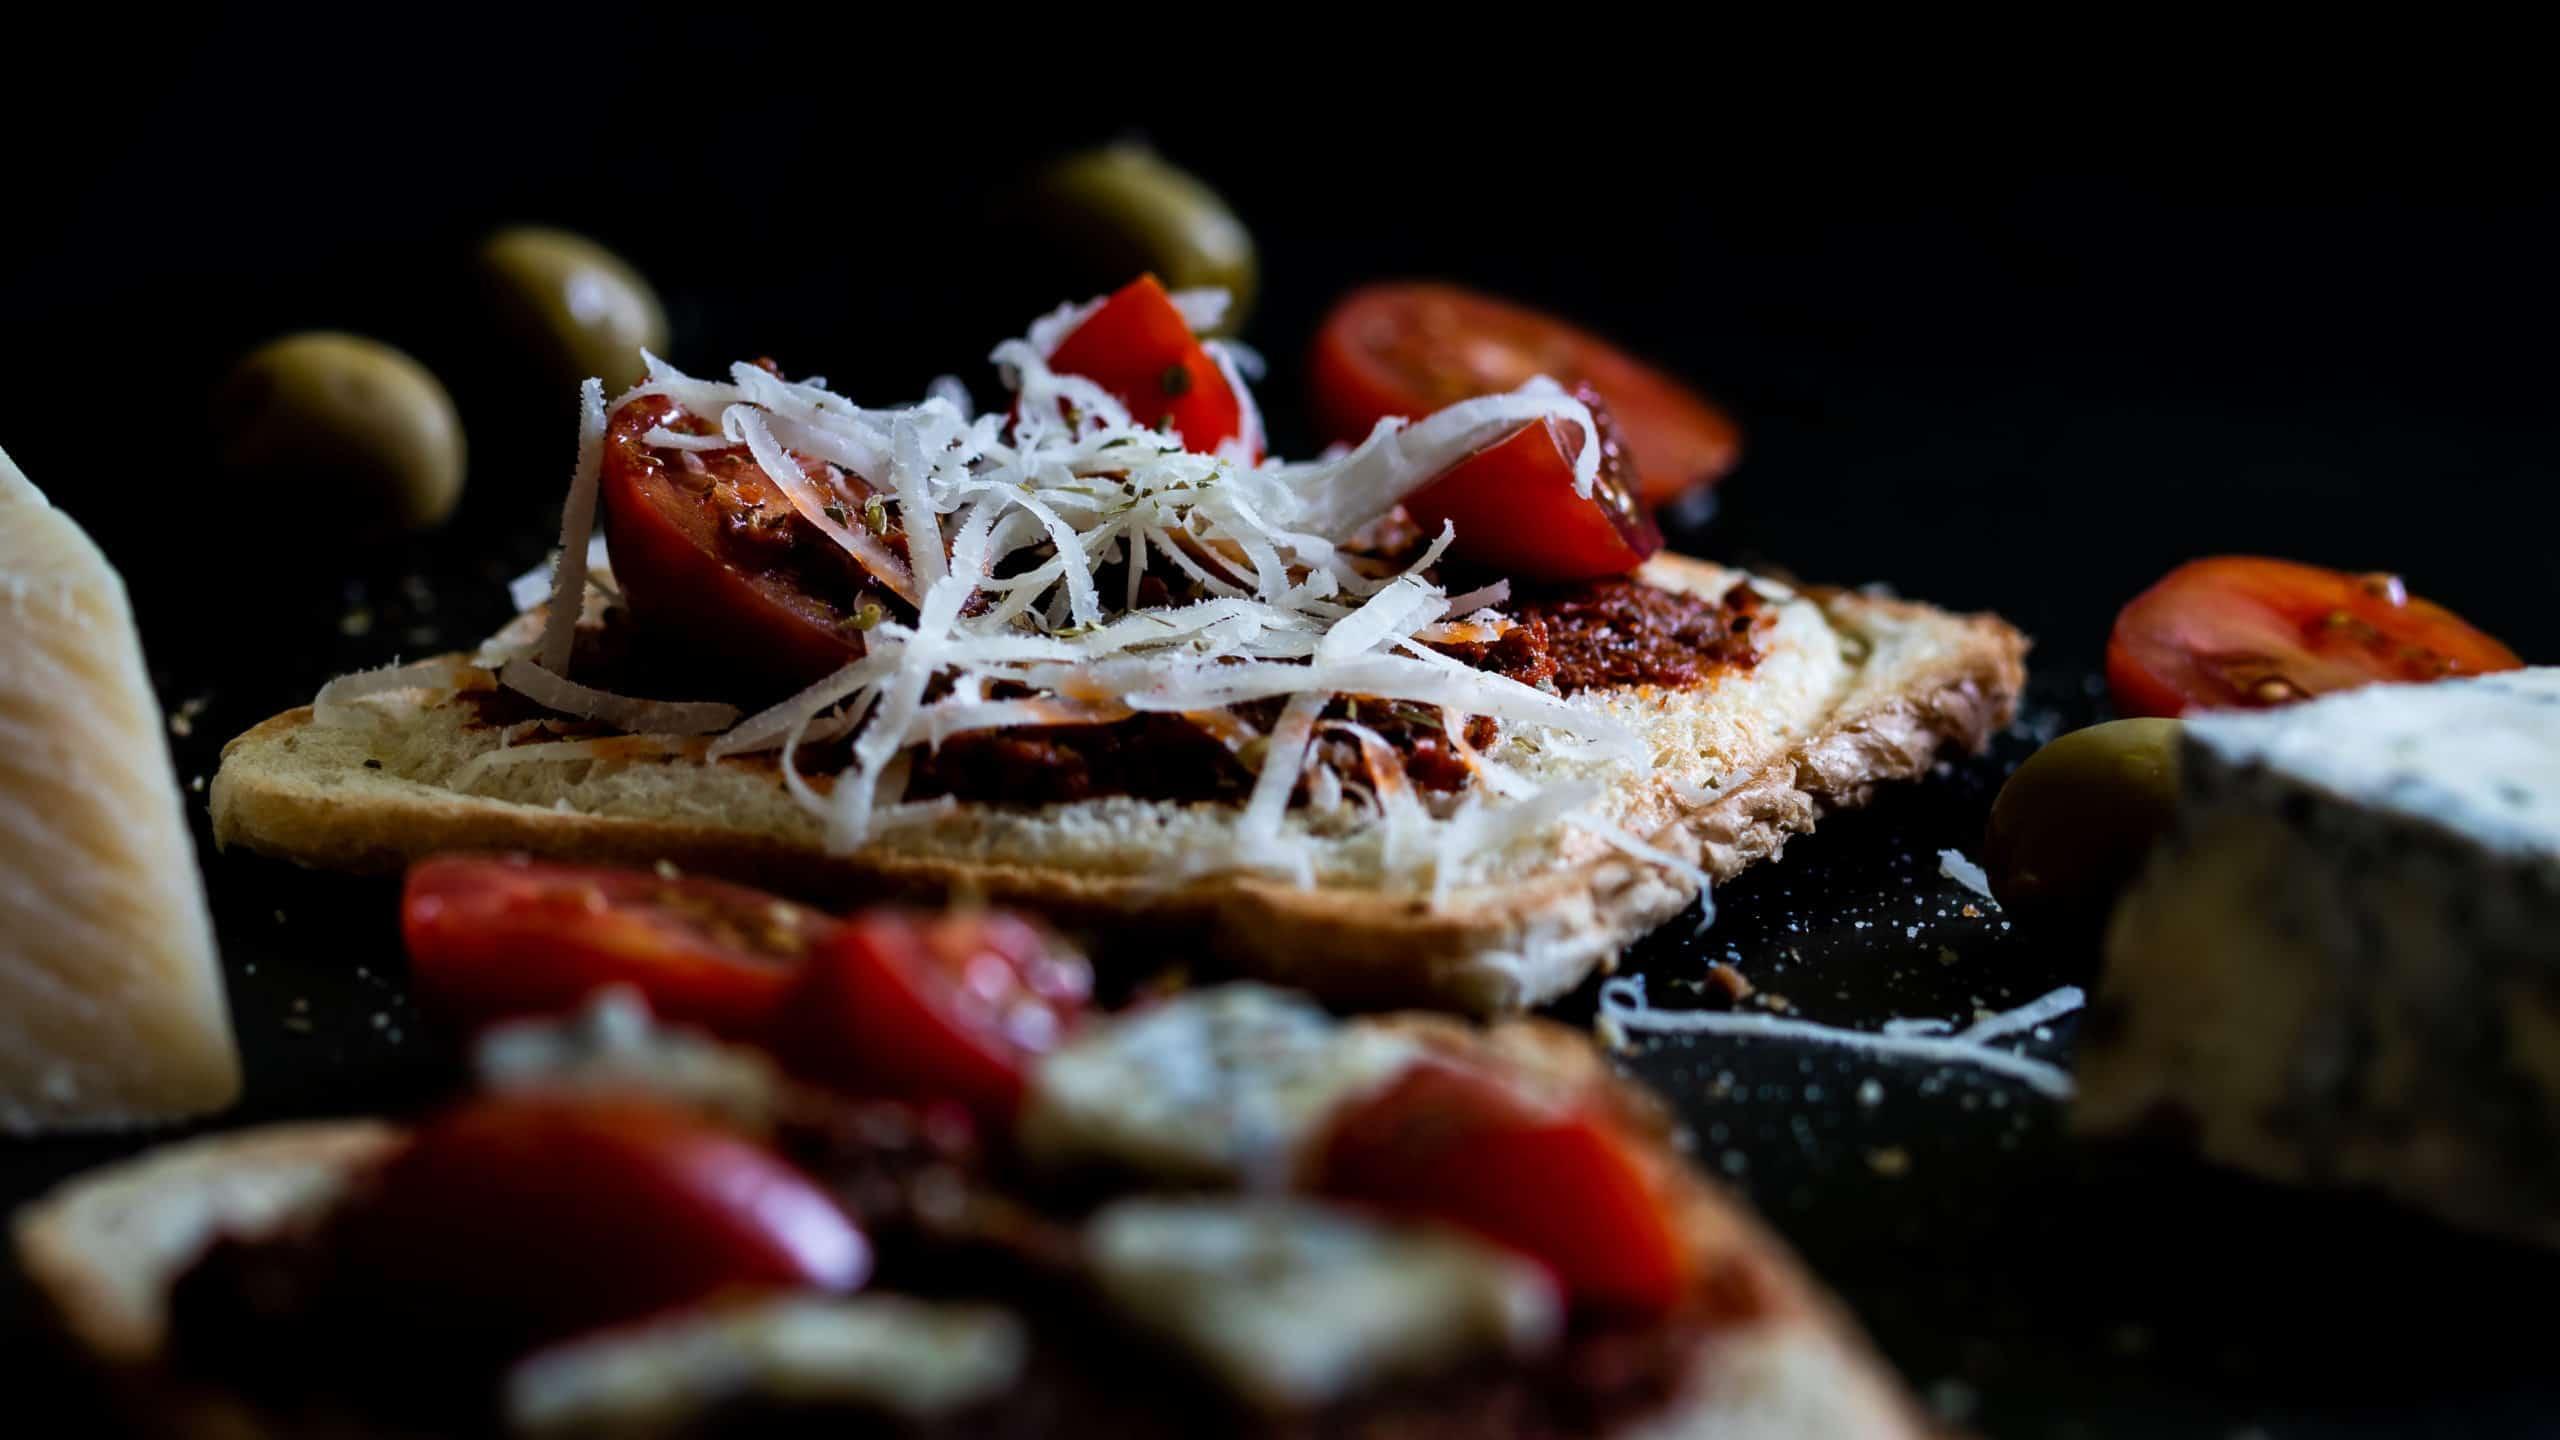 Czarna fotografia produktowa w domowych warunkach - zdjęcia tostów z czerwonym pesto calabrese od gennaro contaldo